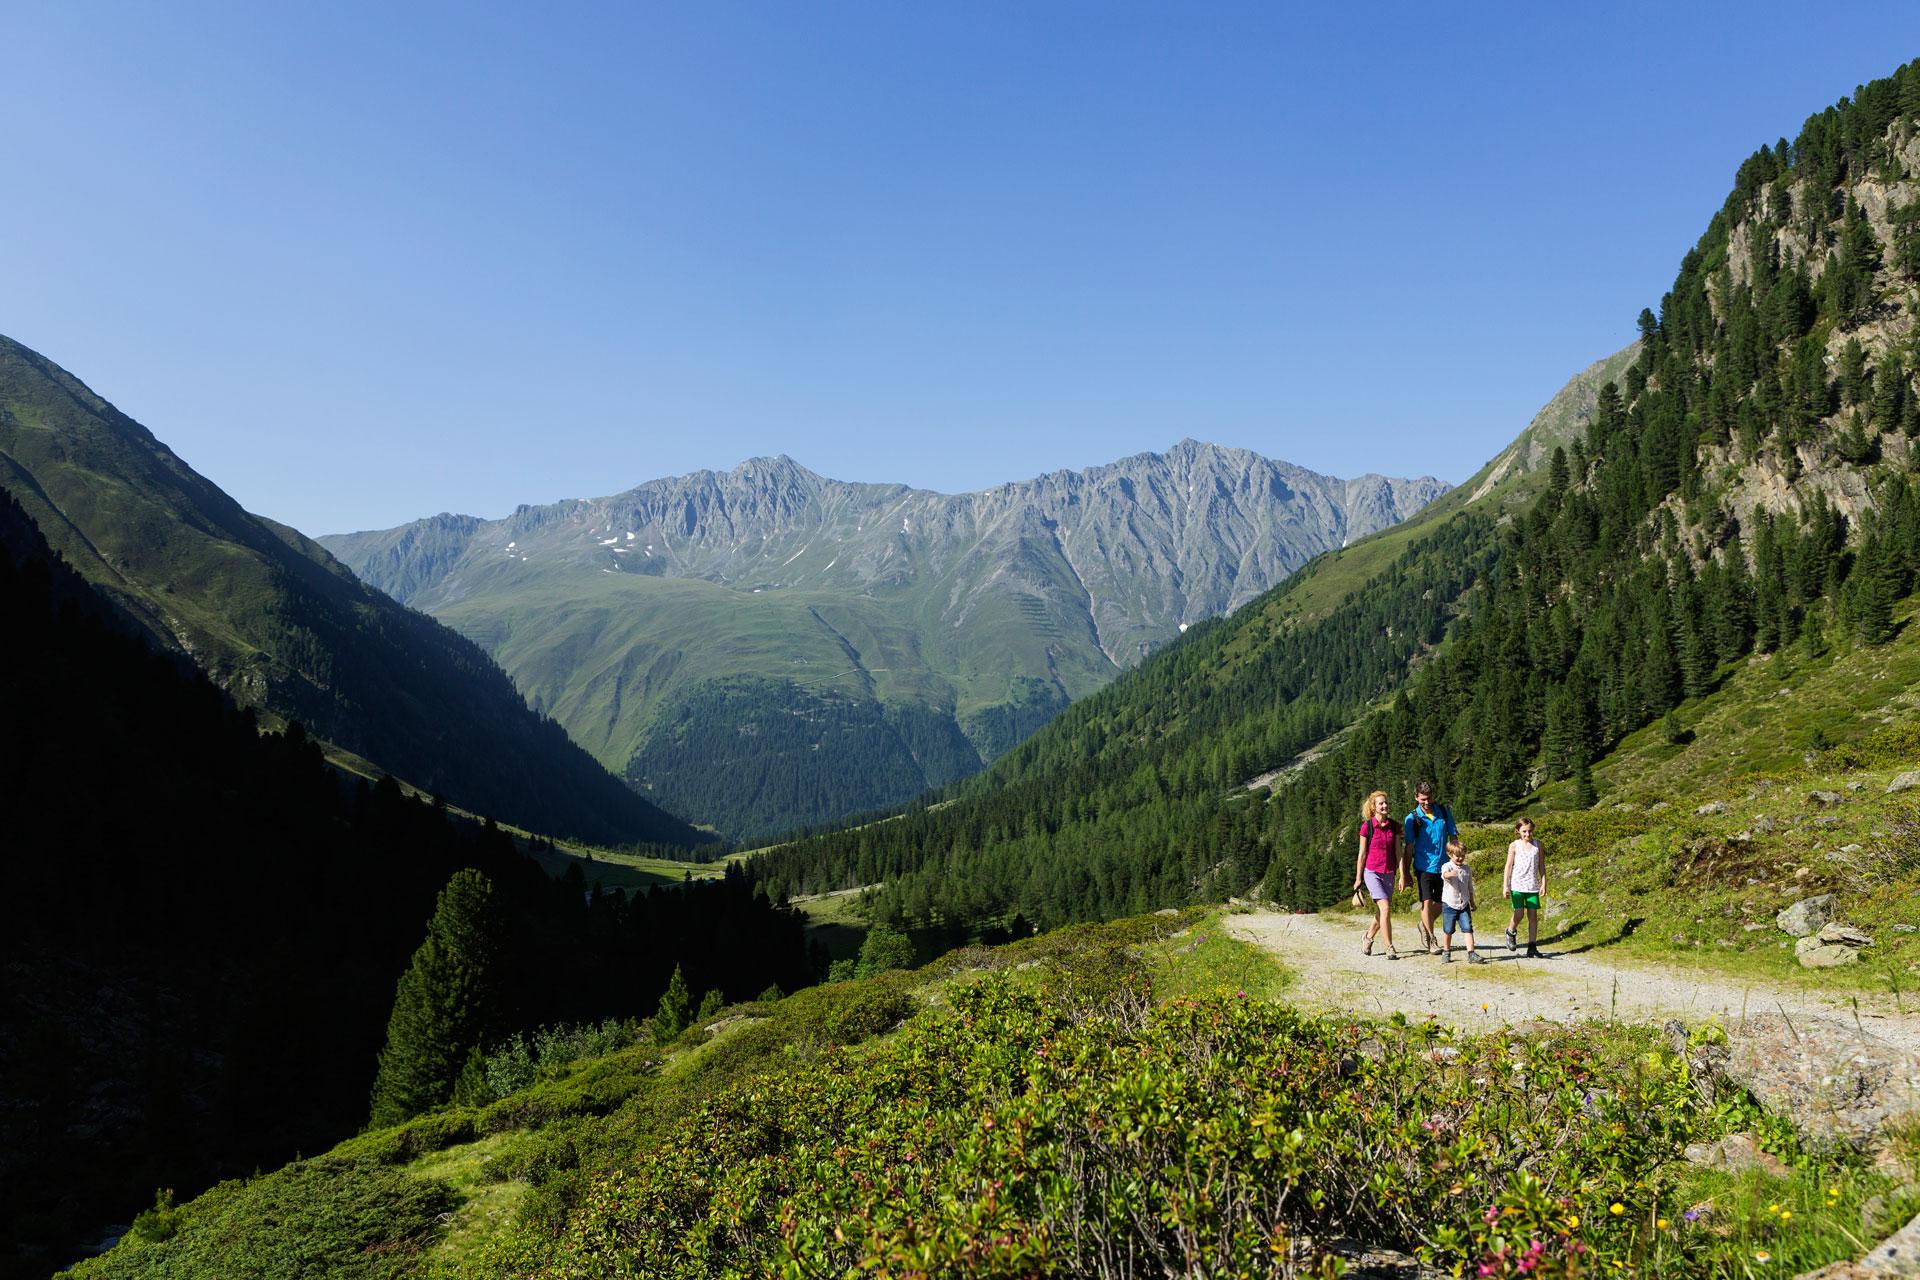 alpengasthof-dortmunder-huette-sommer-kuehtai-familien-ausflug